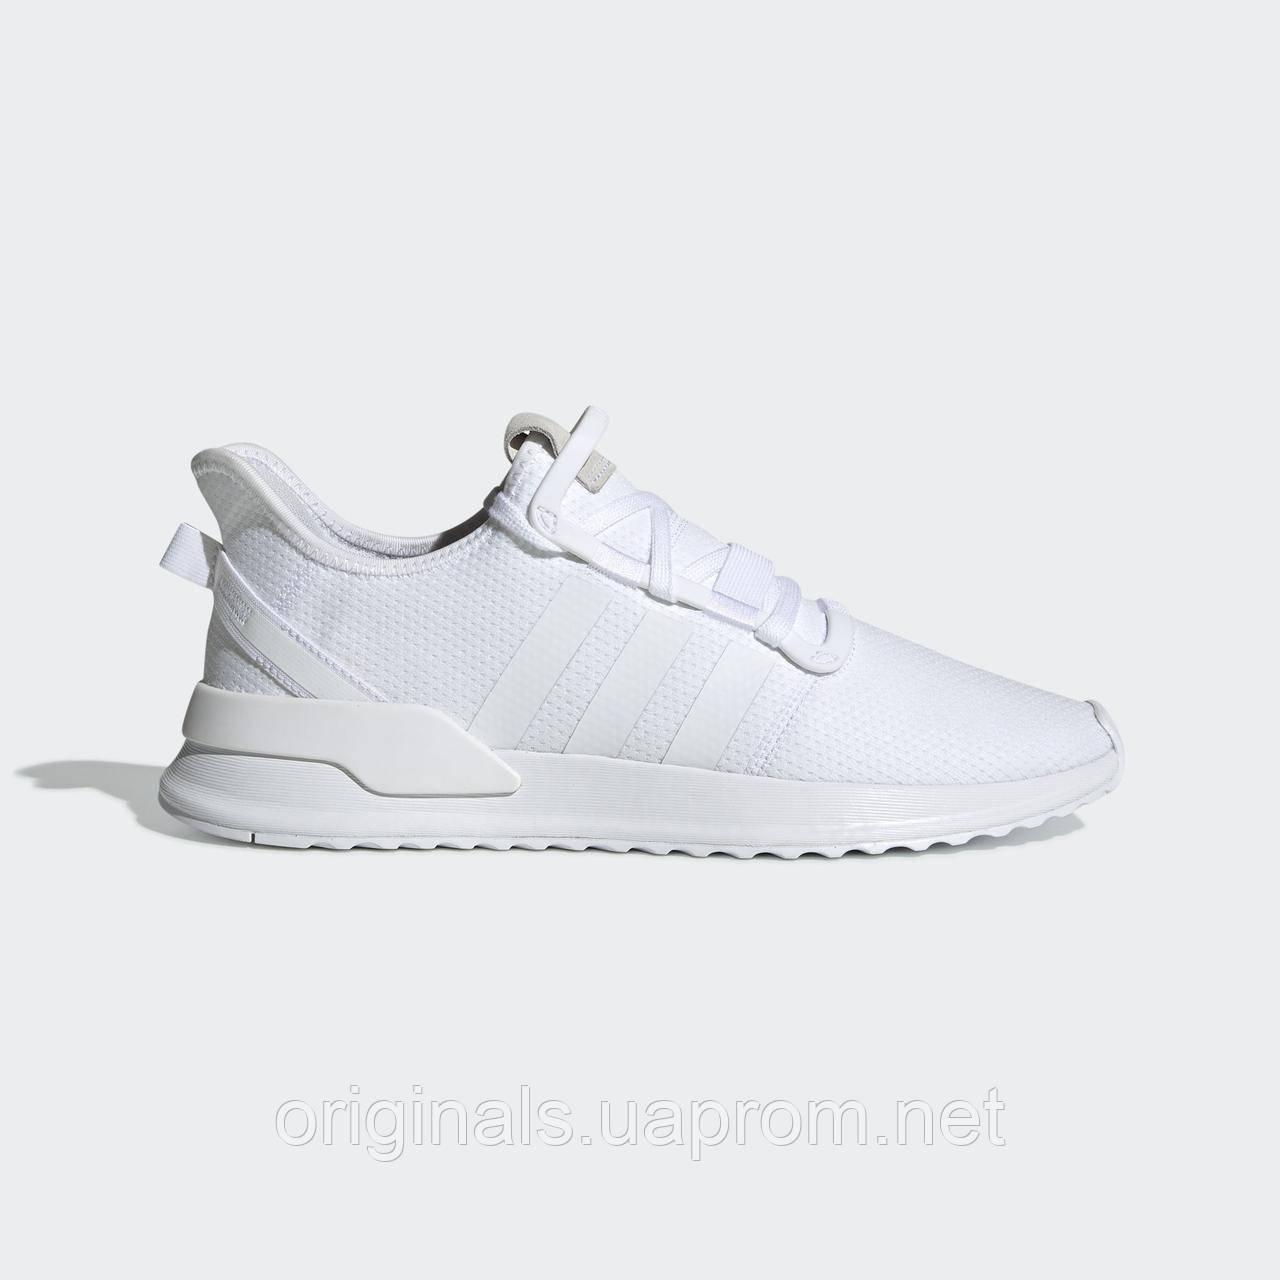 Мужские кроссовки Adidas U_Path G27637